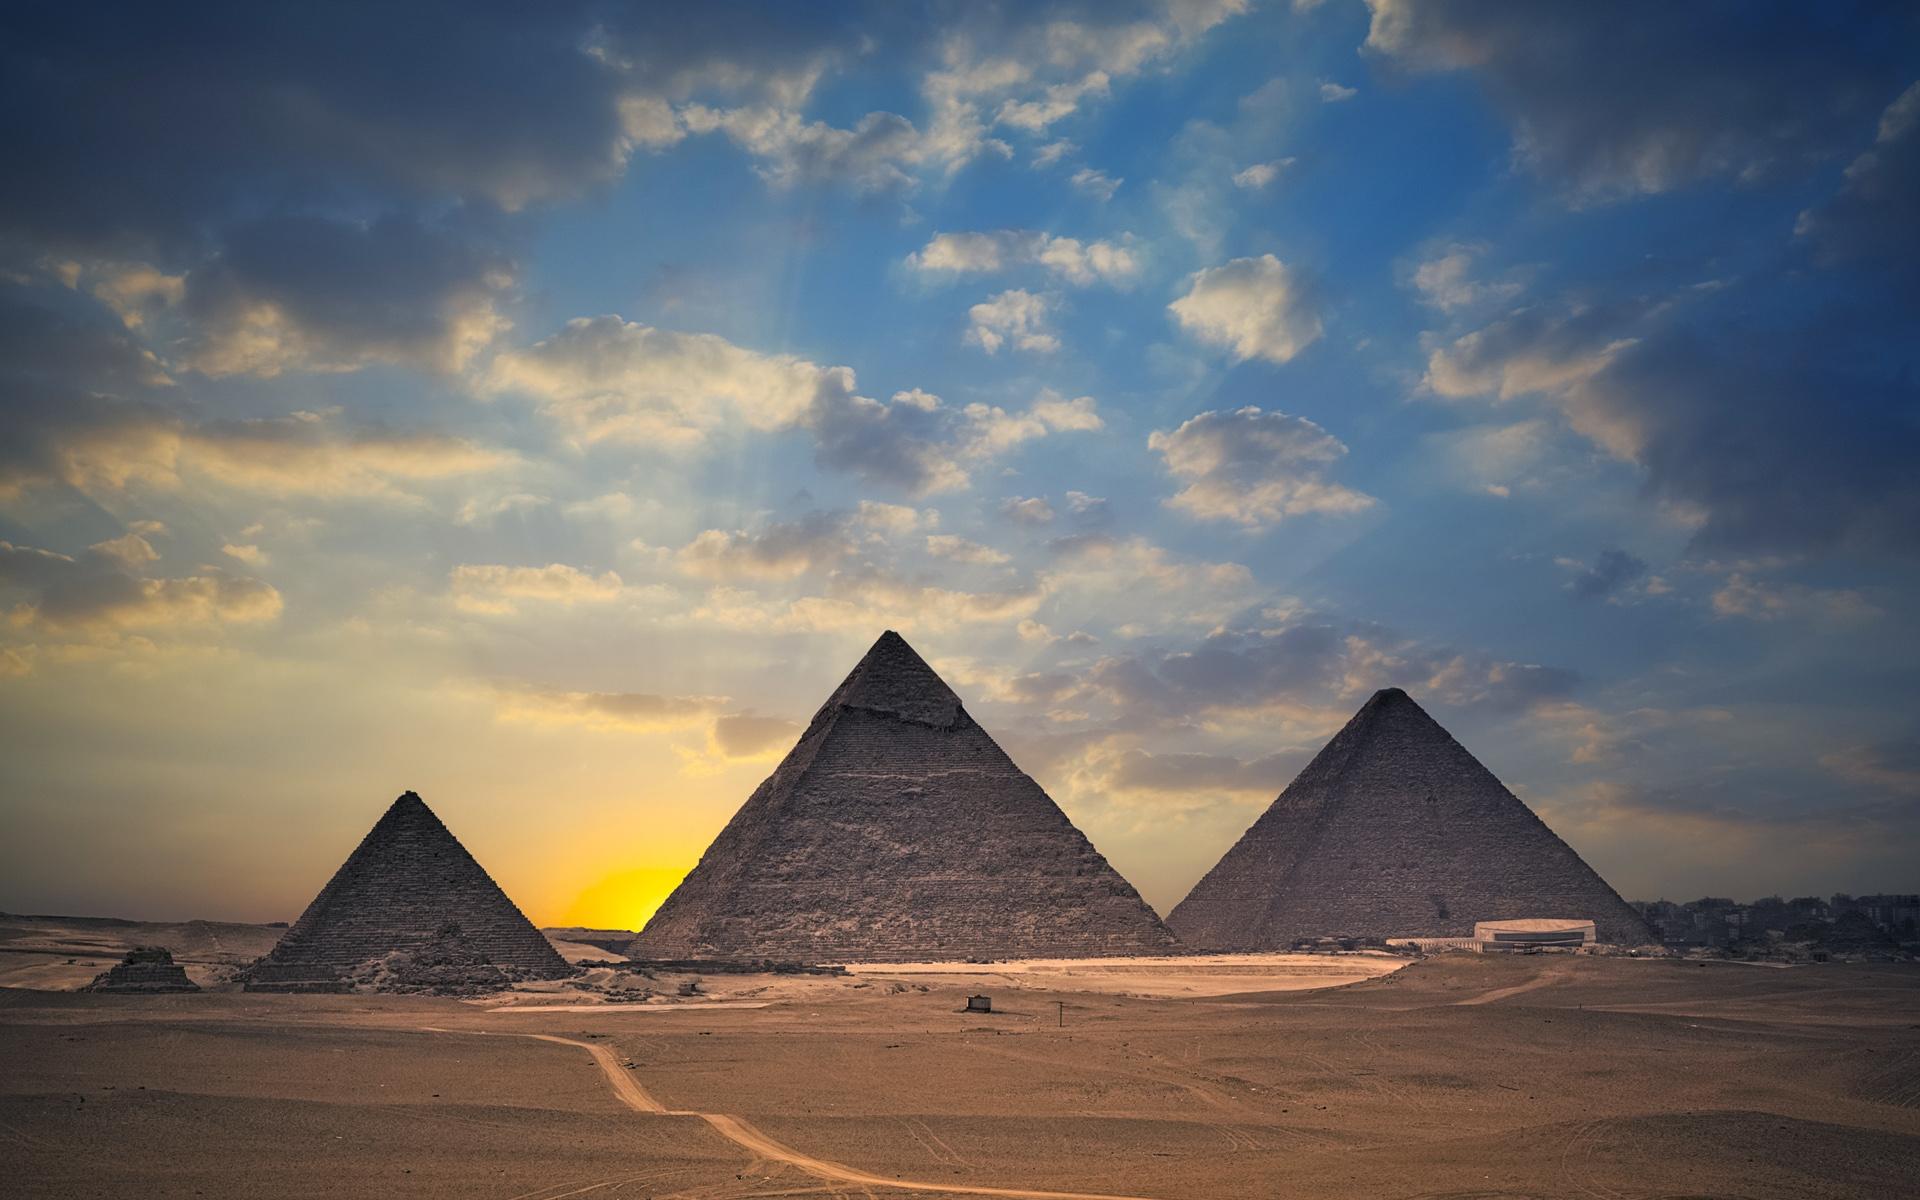 egypt 1080